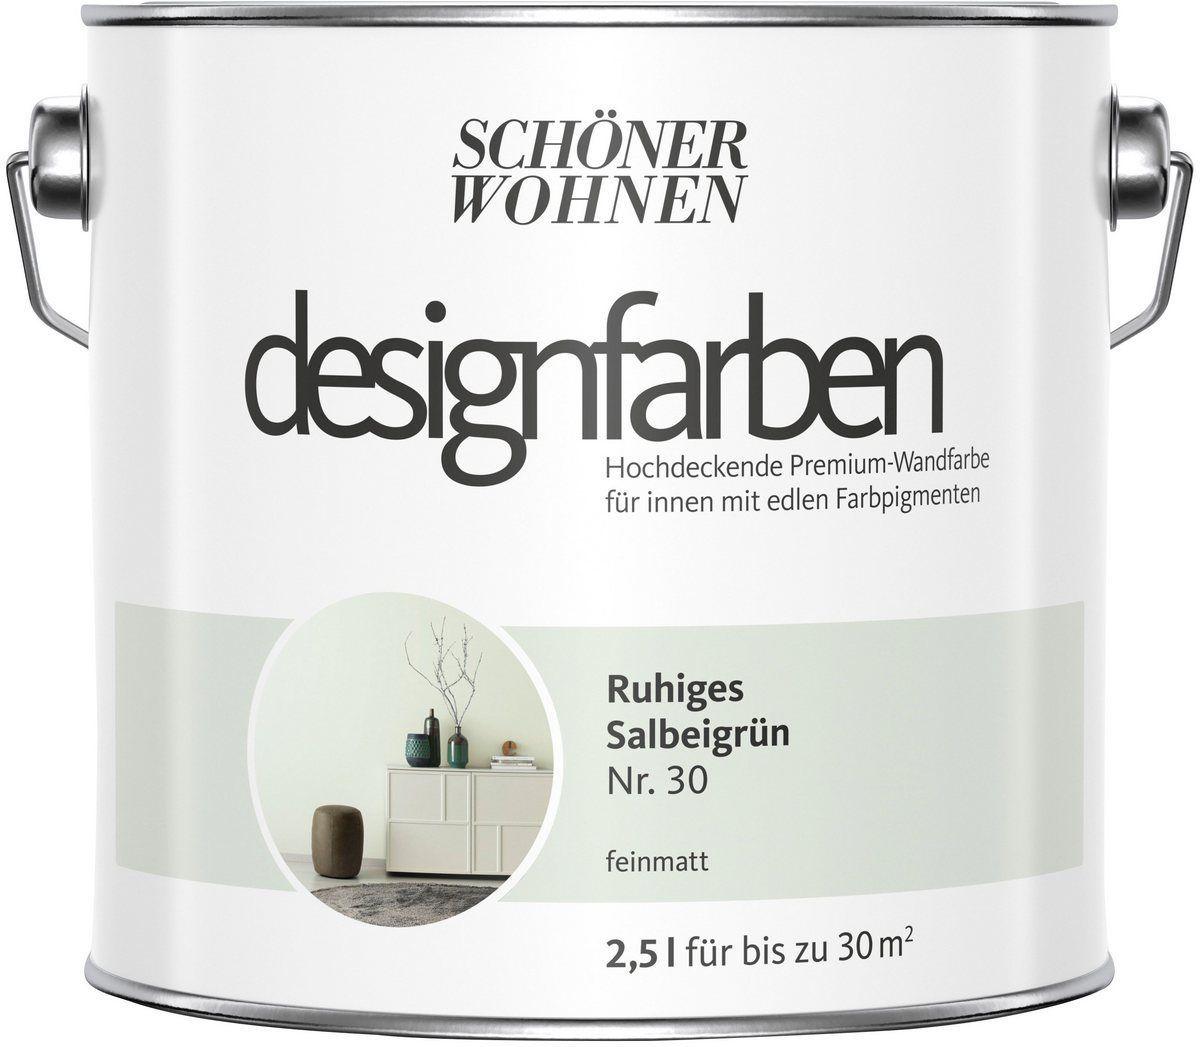 Schoner Wohnen Farbe Farbe Designfarben Ruhiges Salbeigrun Nr 30 Feinmatt 2 5 L Designfarben Salbeigrun Feinmatt In 2020 House Interior Sweet Home Interior